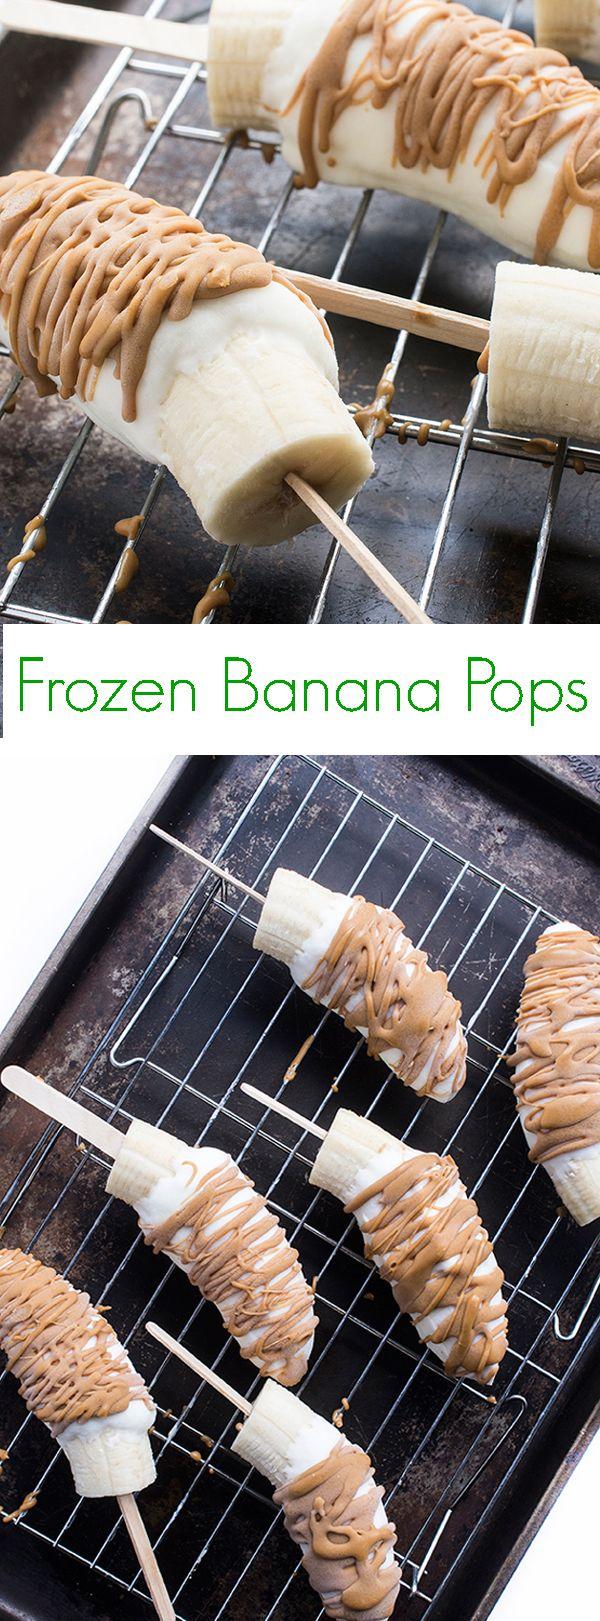 Frozen Banana Pops - The Lemon Bowl